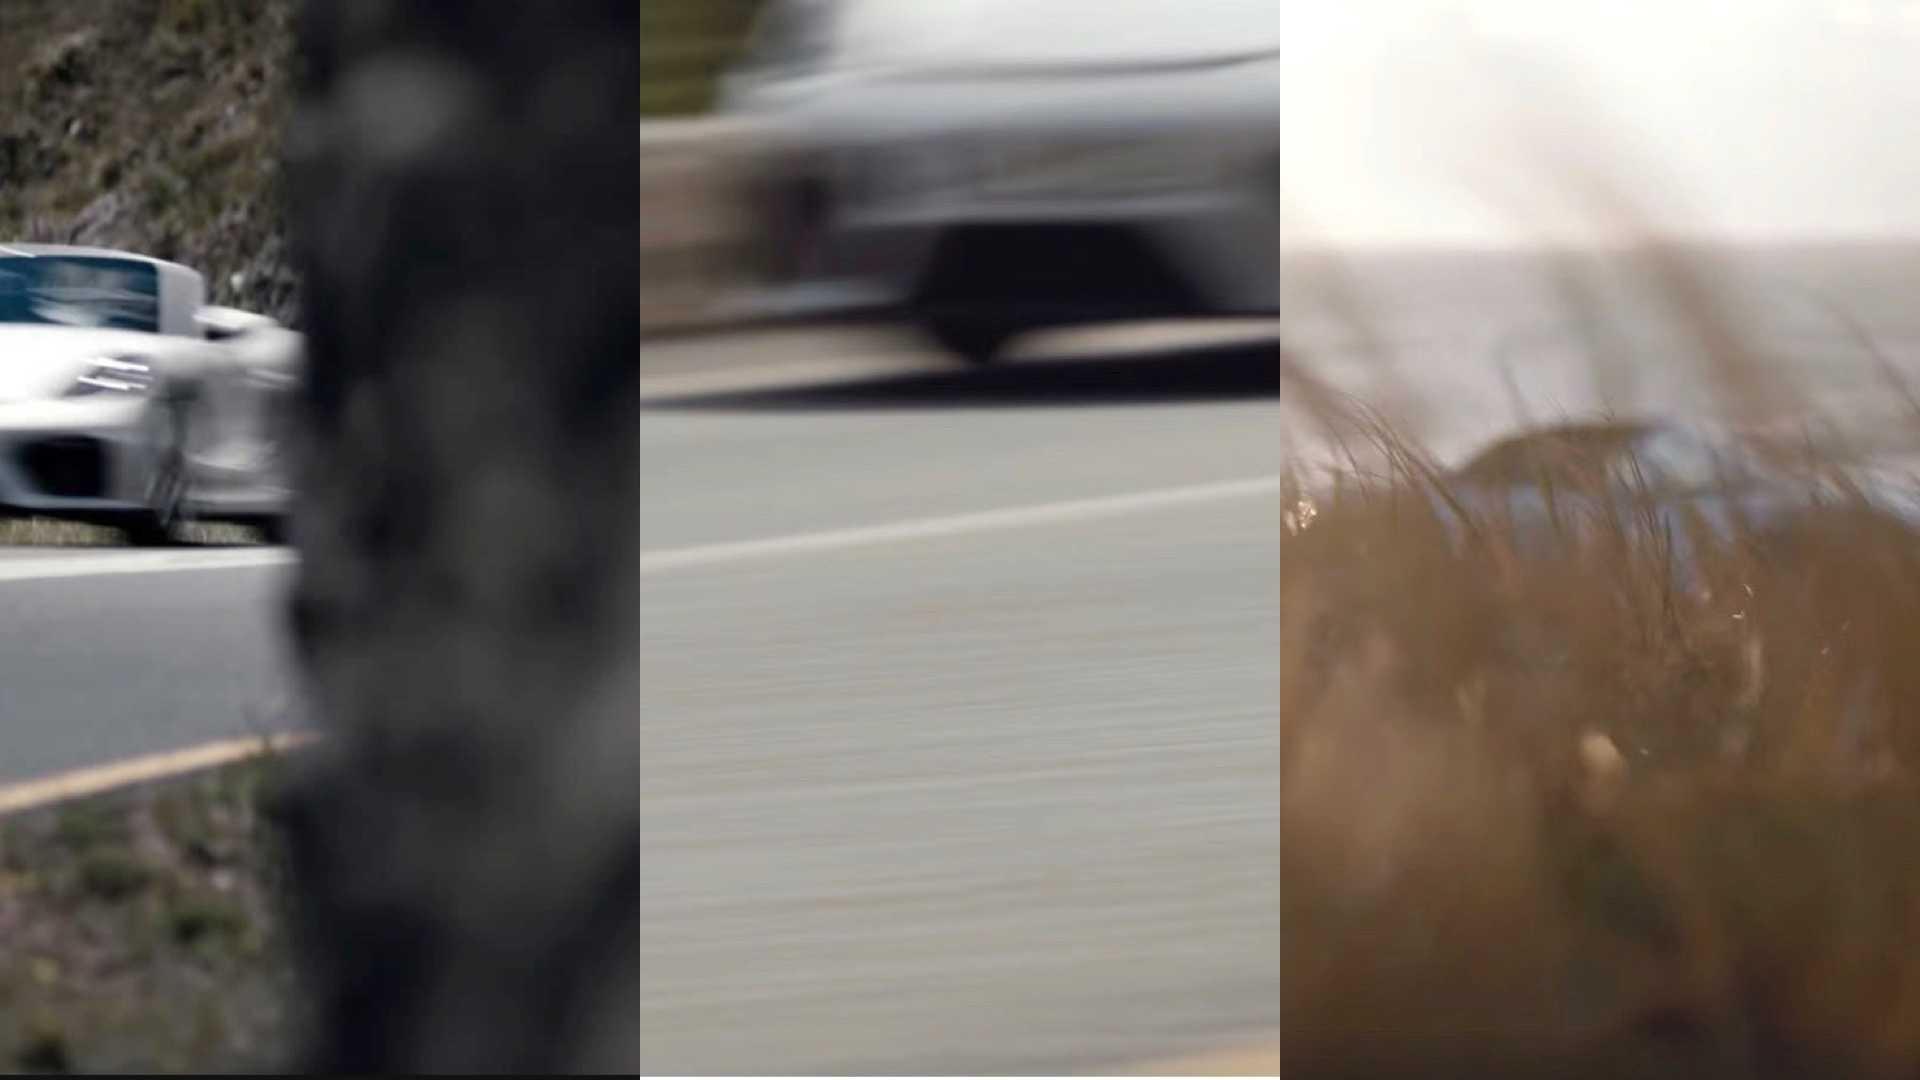 Короткое видео утверждает, что «грядет буря» и в качестве доказательства показывает проносящегося на огромной скорости «Спайдера»